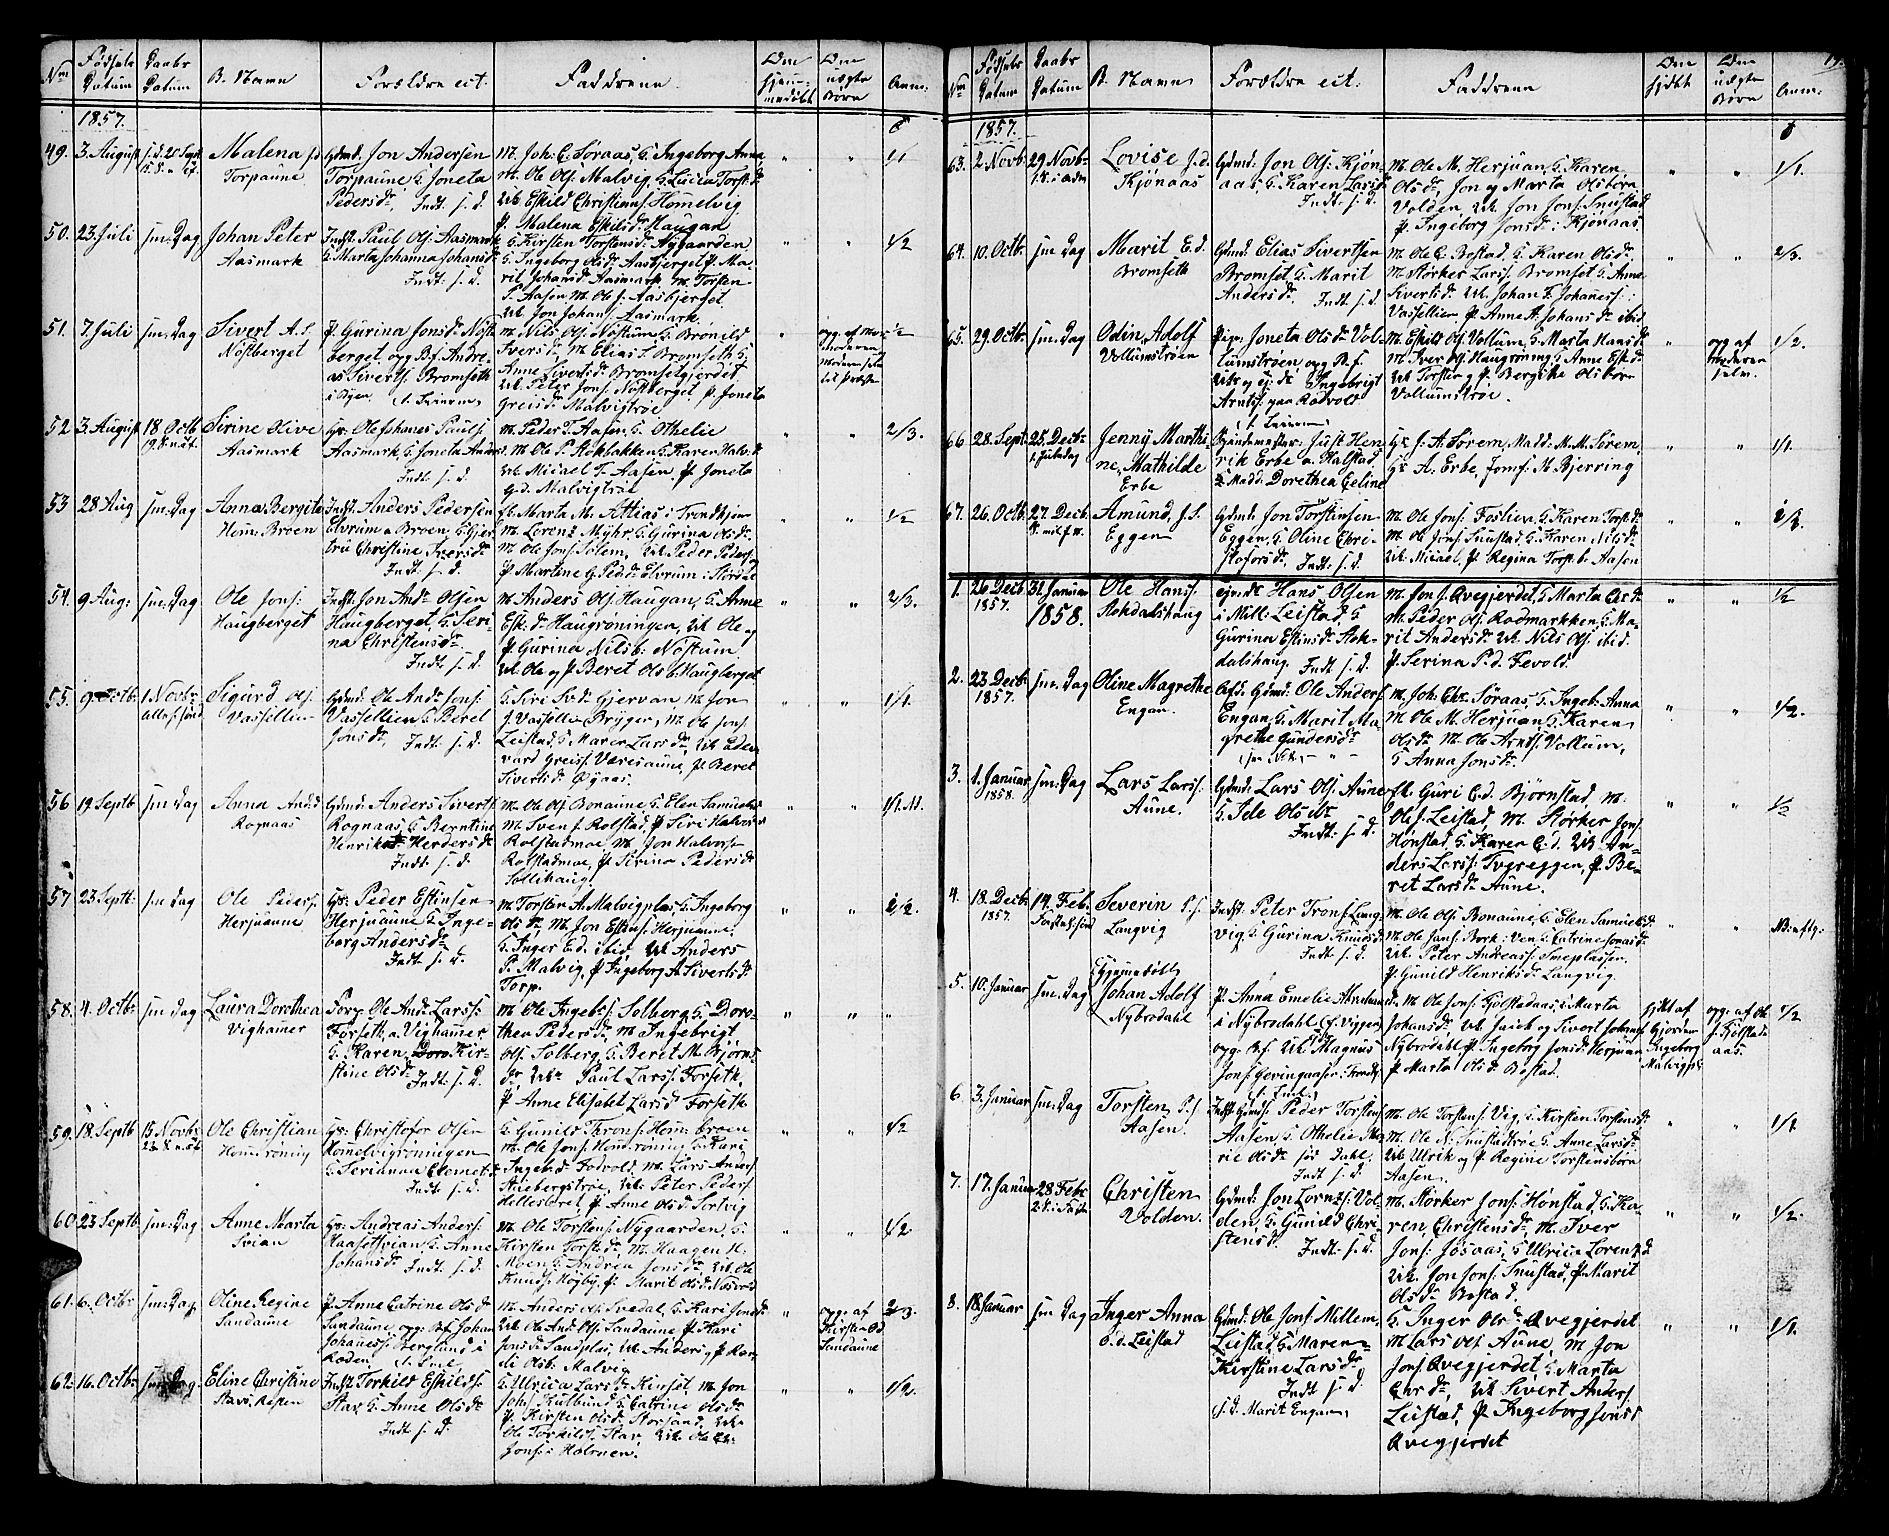 SAT, Ministerialprotokoller, klokkerbøker og fødselsregistre - Sør-Trøndelag, 616/L0422: Klokkerbok nr. 616C05, 1850-1888, s. 19